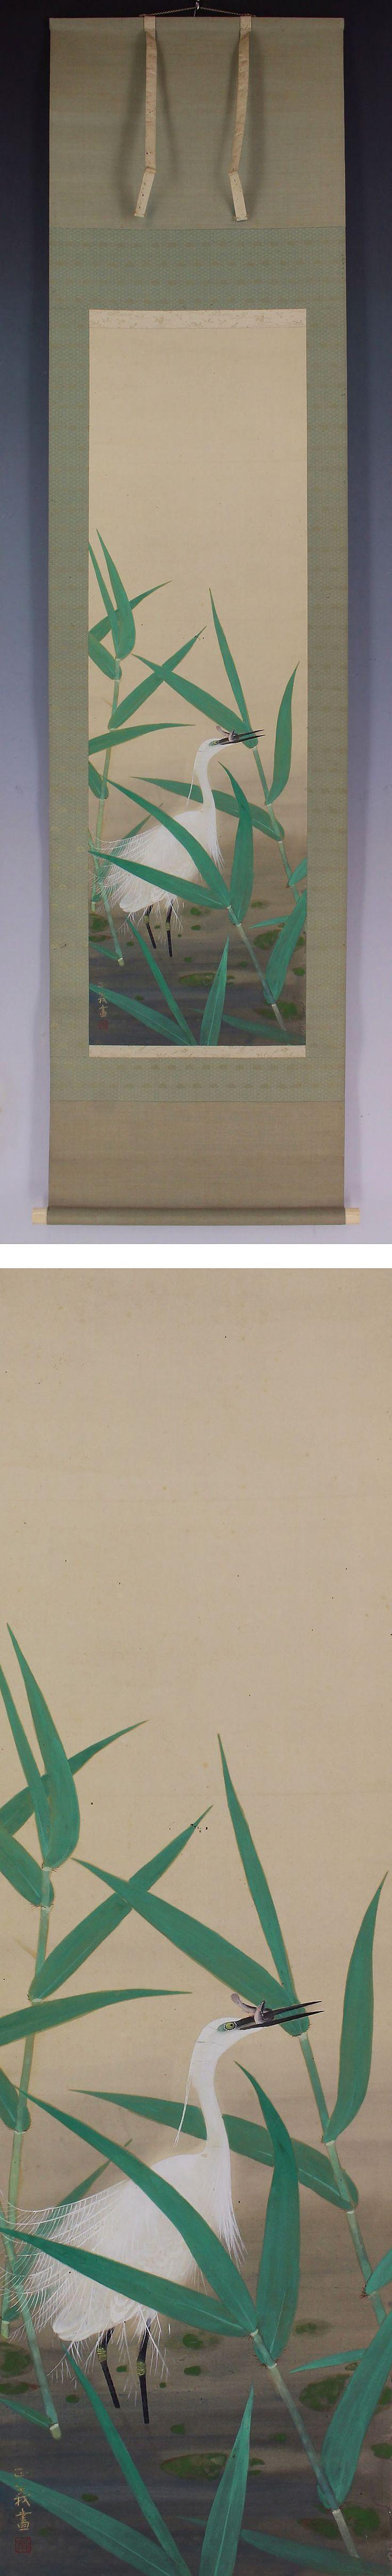 Налоги ◆ редкий [рукописный текст] Масаеси Yokoe [Ashisagi] ◆ шелк ◆ ◆ цвета слоновой кости со-коробка ◆ настенный свиток - Аукцион Yahoo